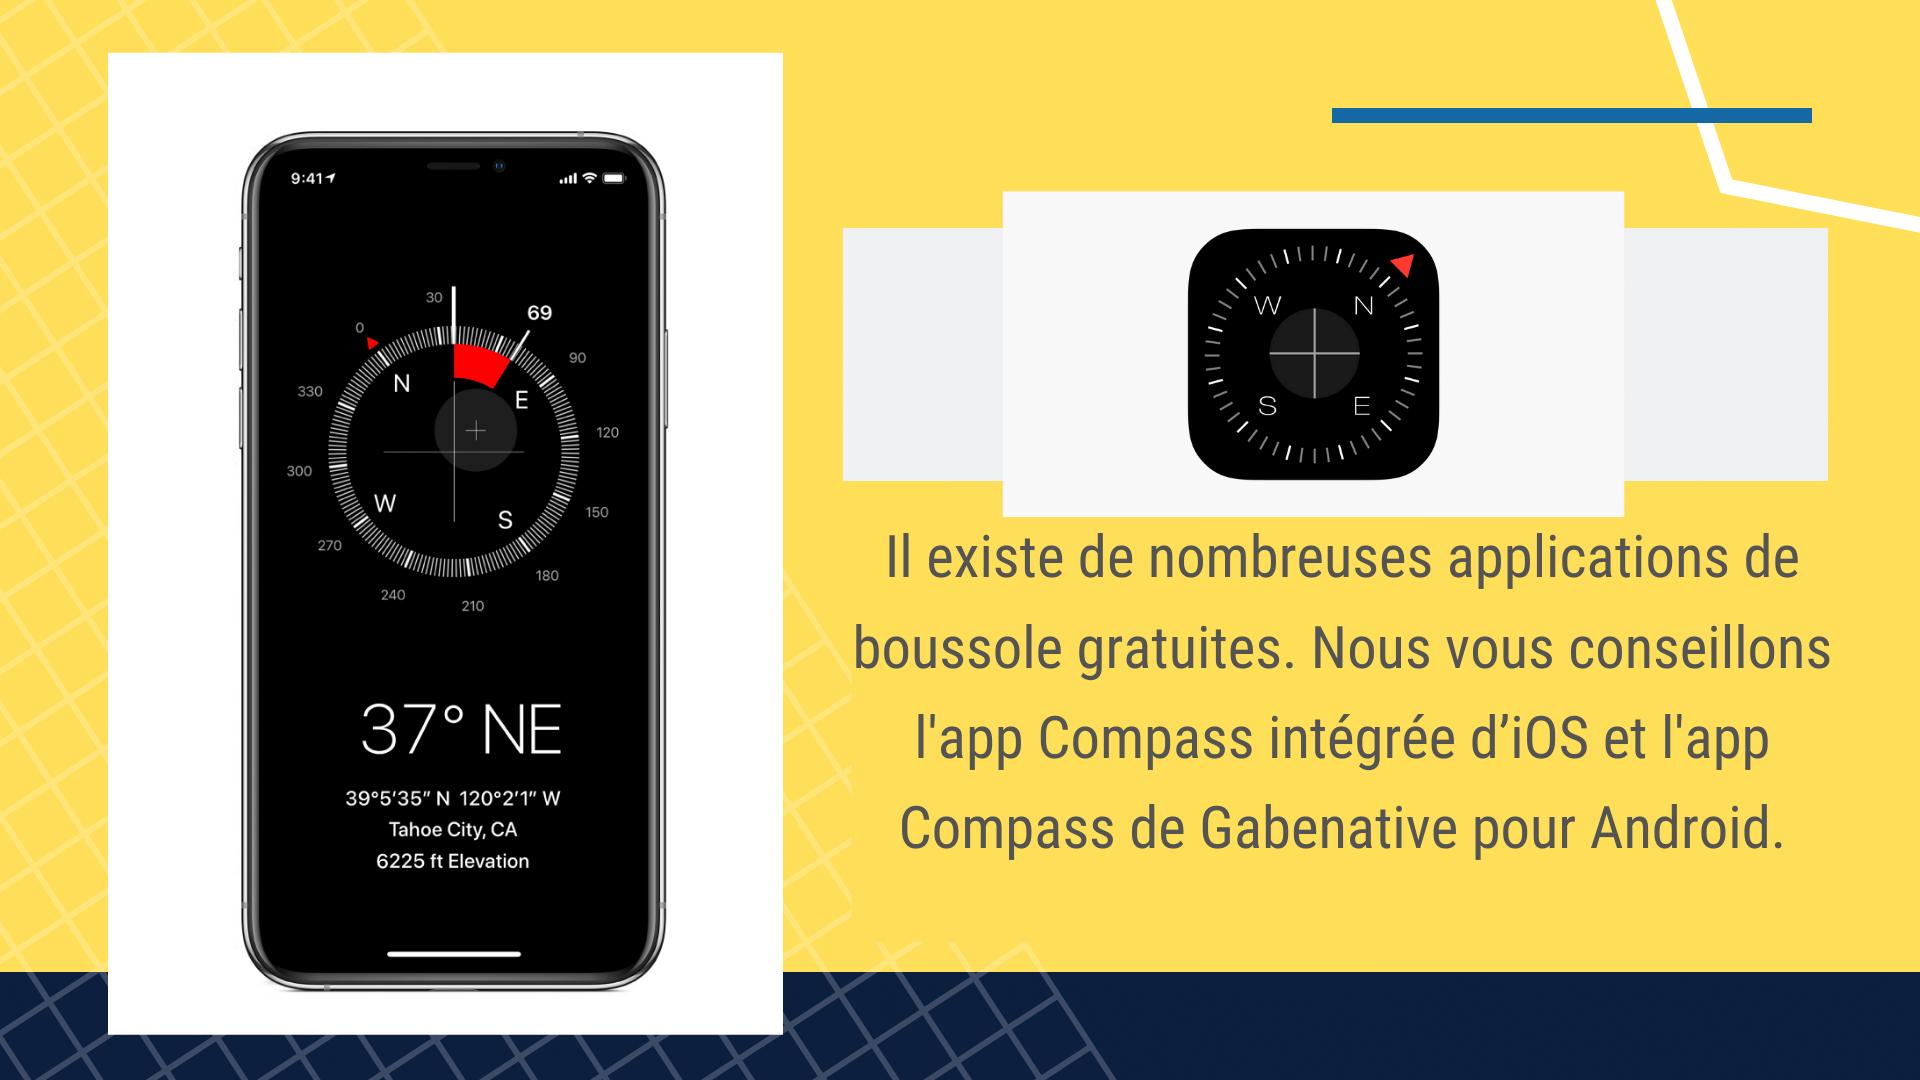 17 Applications de Construction Gratuites - Outils sur votre smartphone | Compass via ArchiSnapper